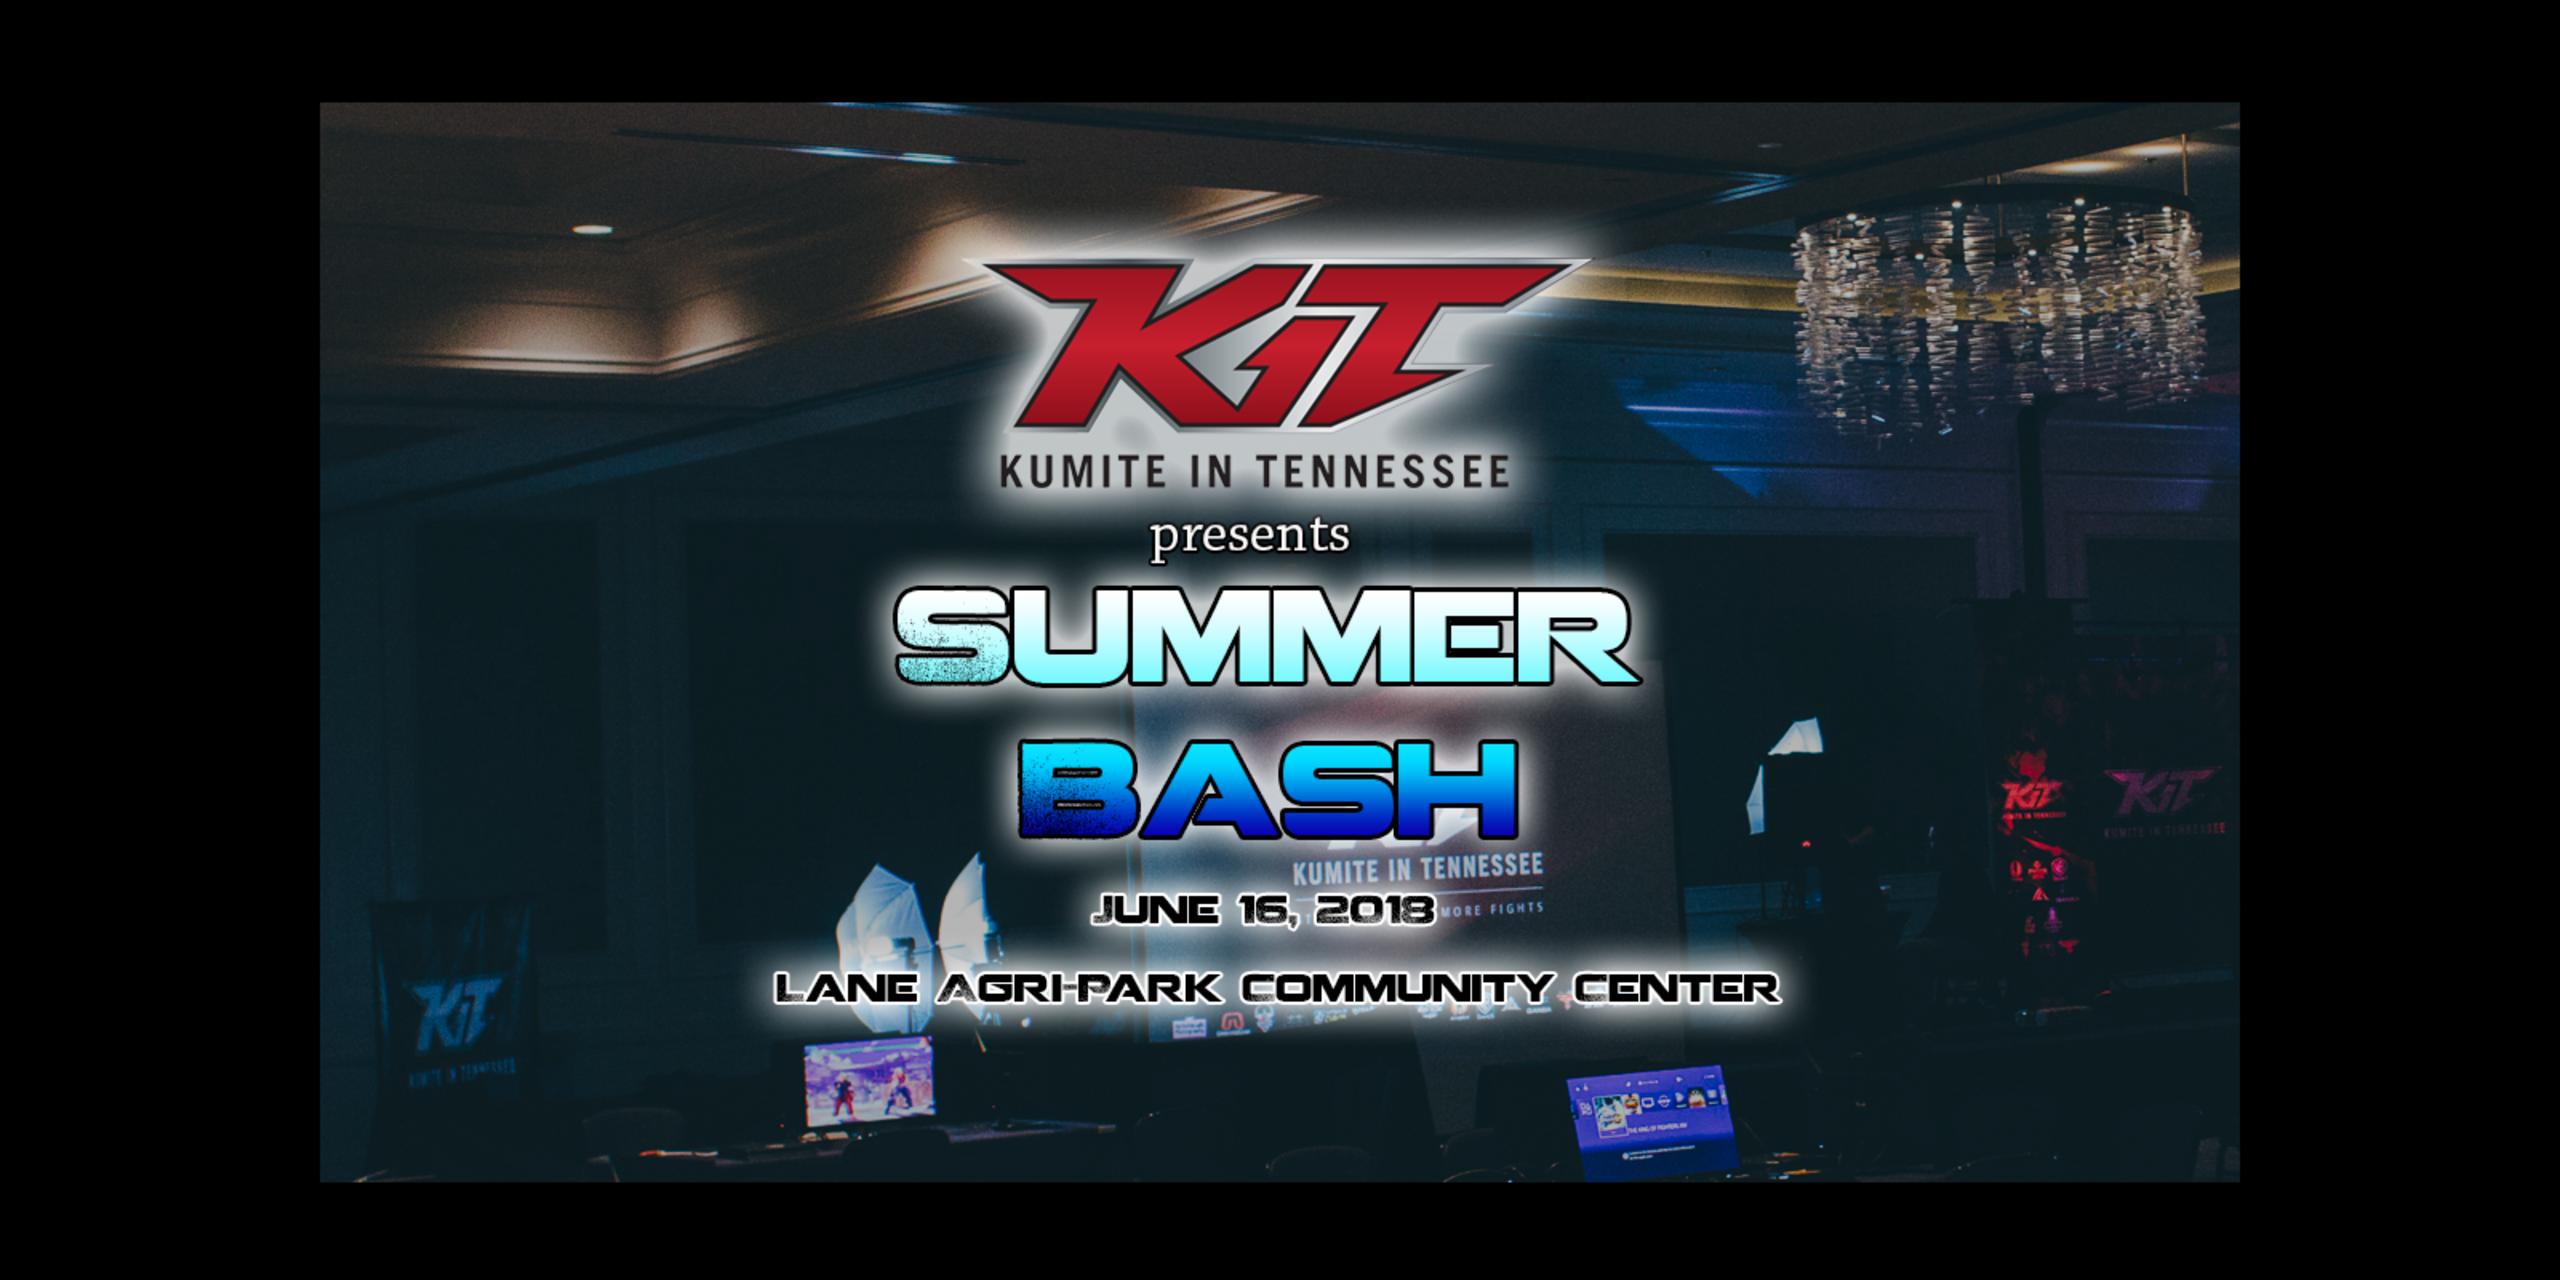 KIT Summer Bash 2018